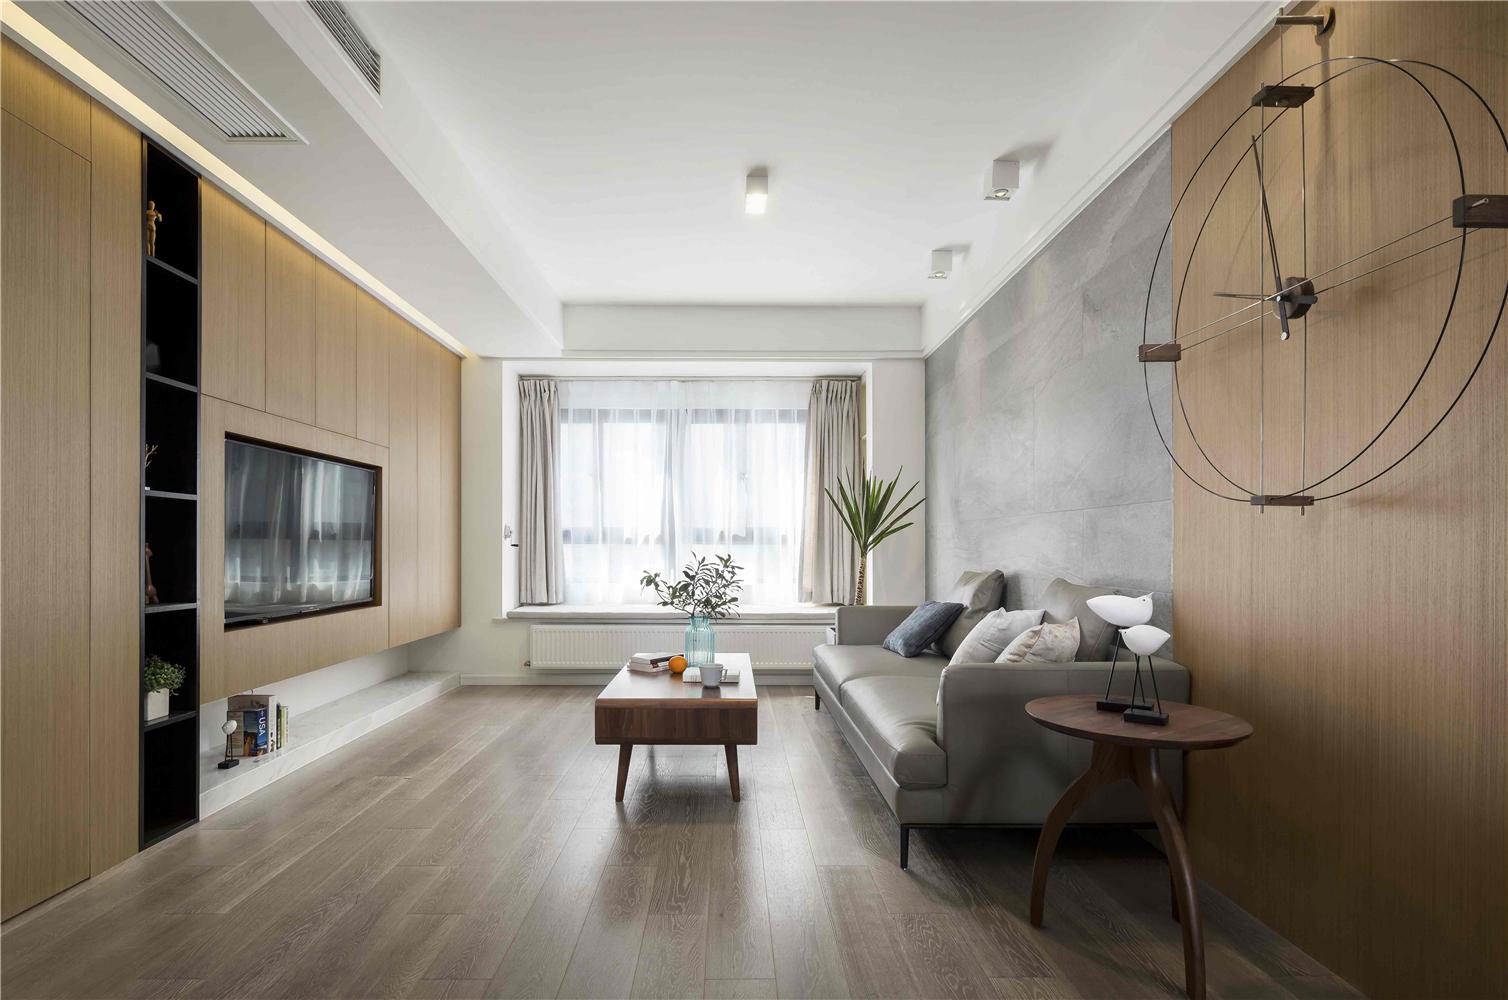 120㎡现代风格客厅装修效果图